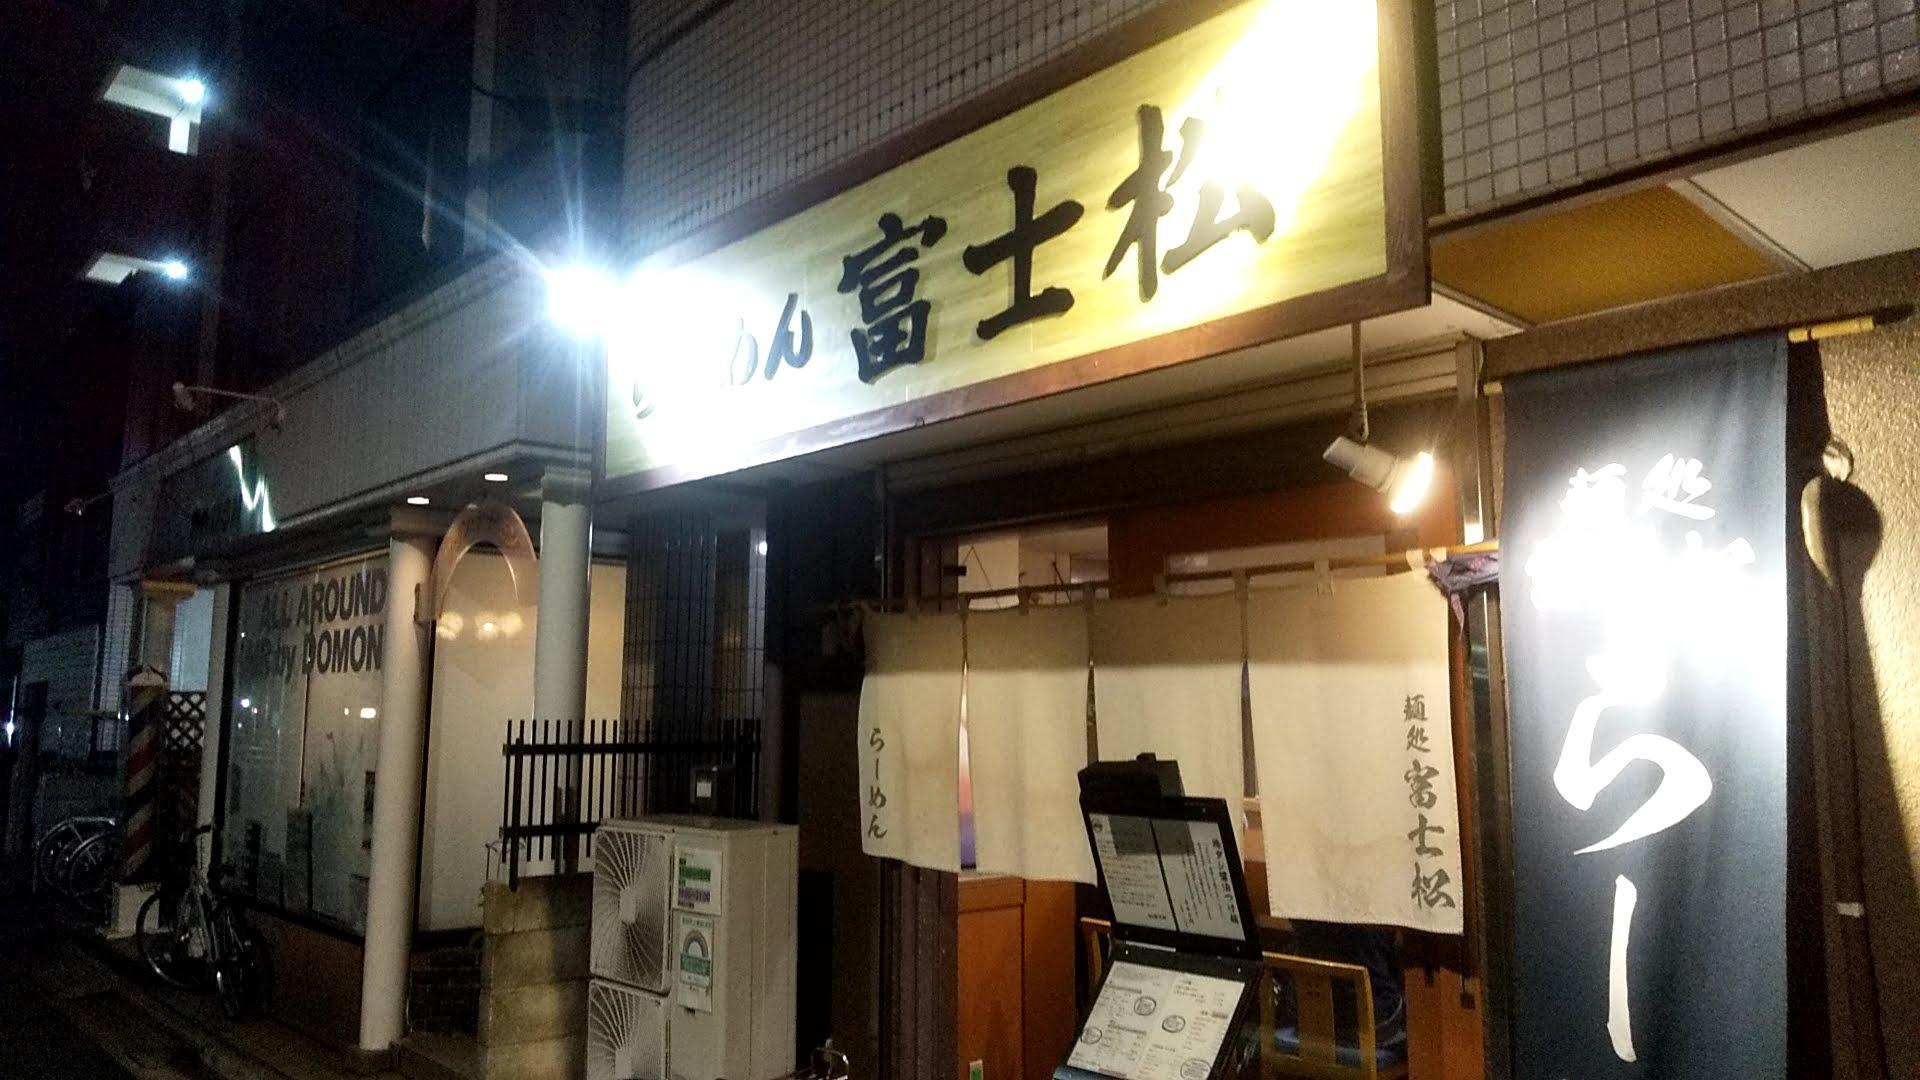 麺処富士松の外観の写真